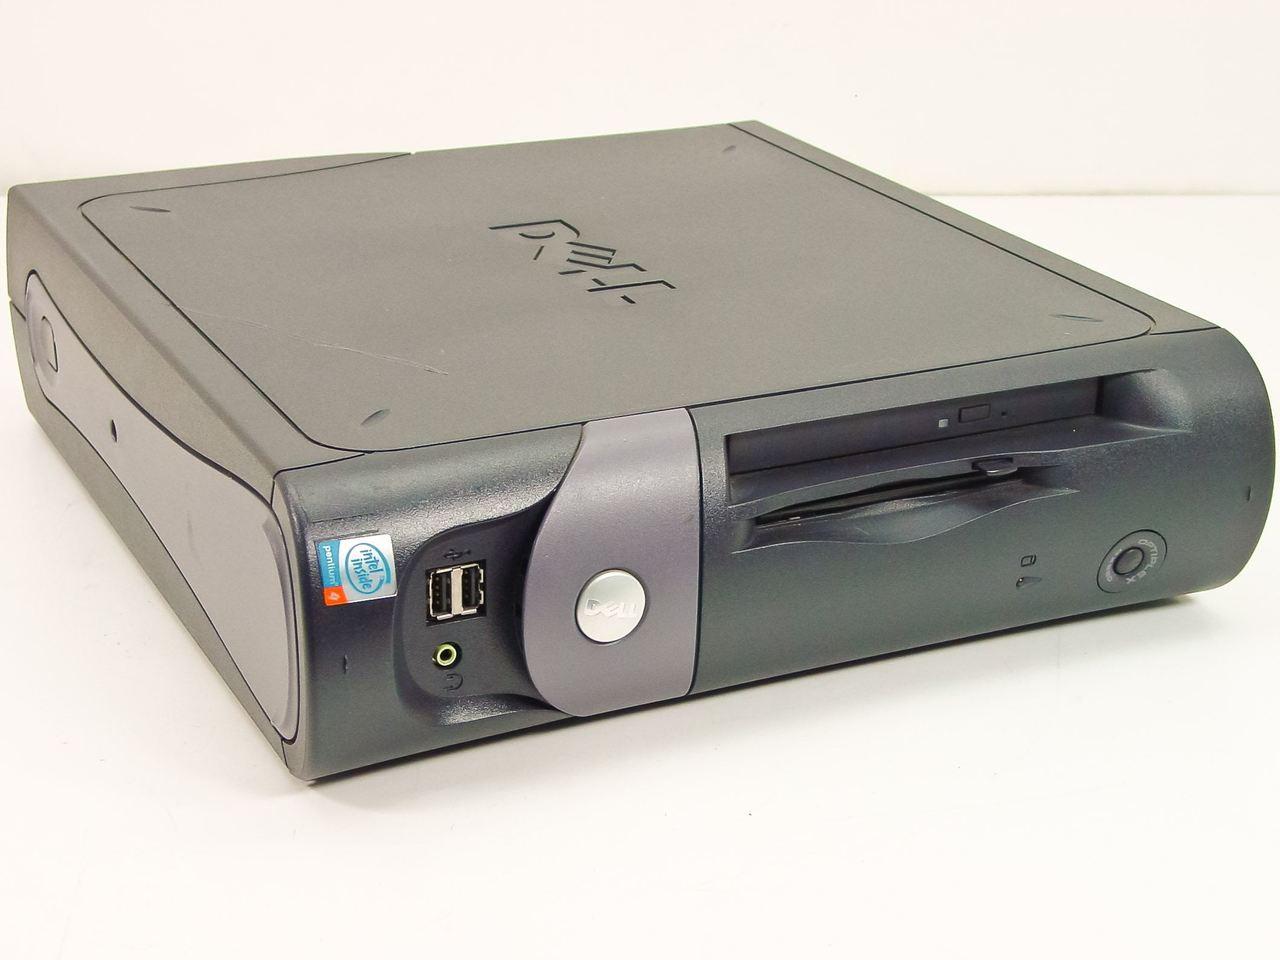 DELL OPTIPLEX GX 280 DRIVERS WINDOWS XP